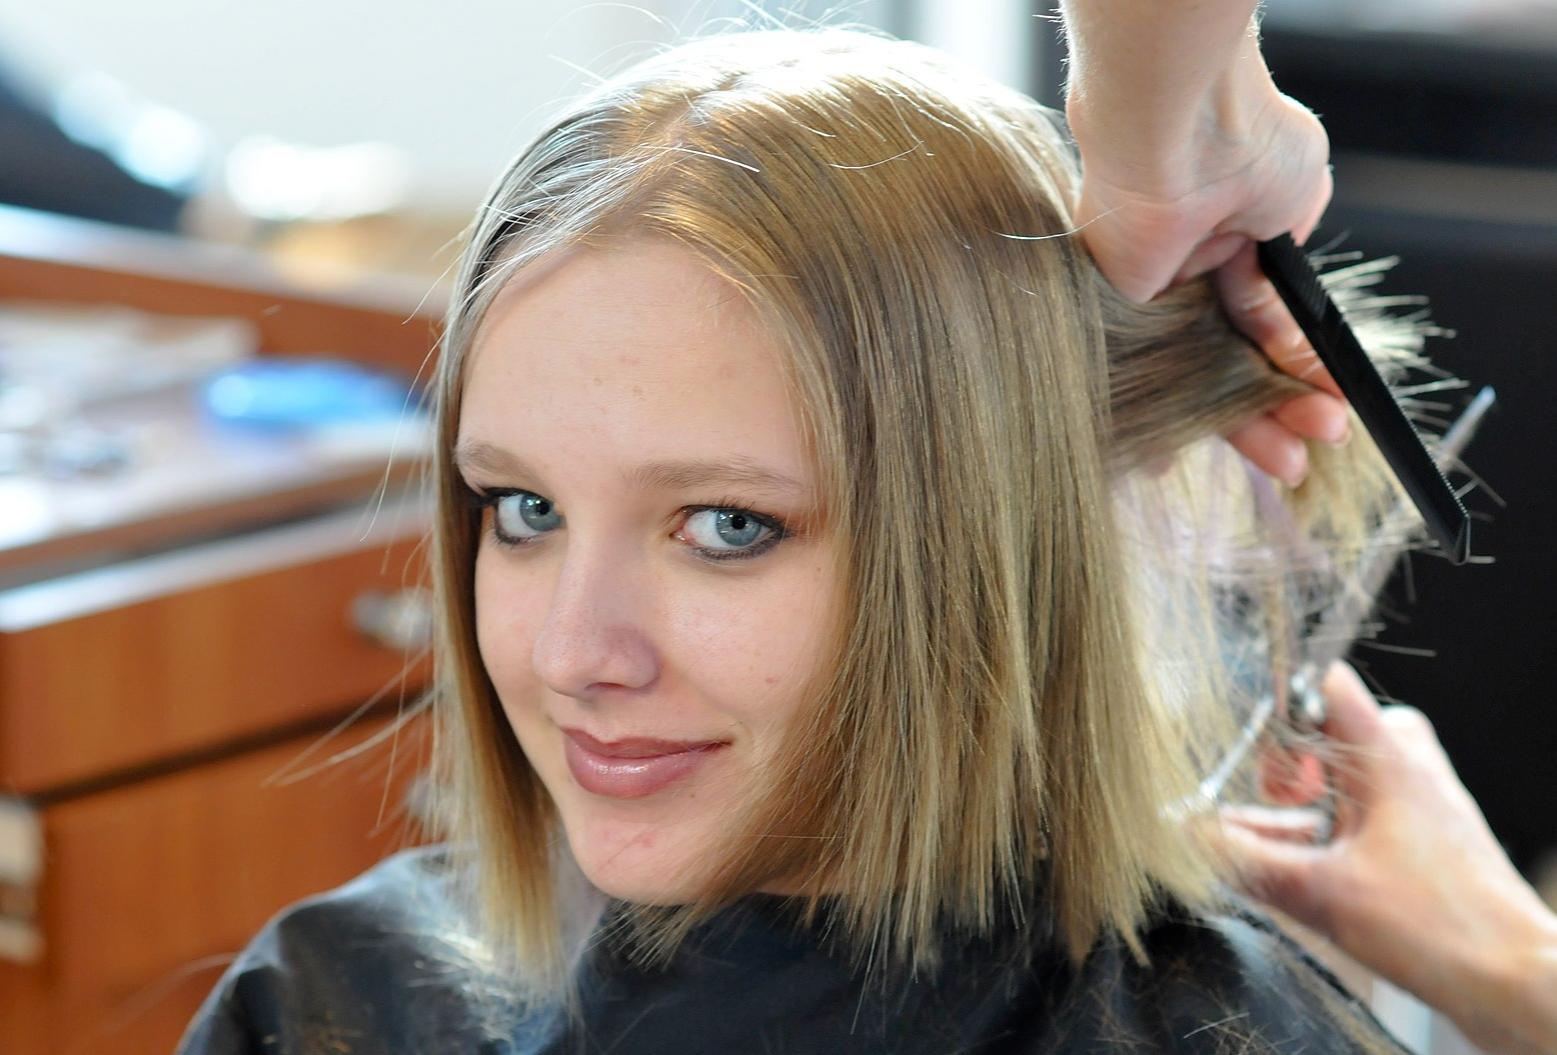 Elena en el salón cortándose el pelo